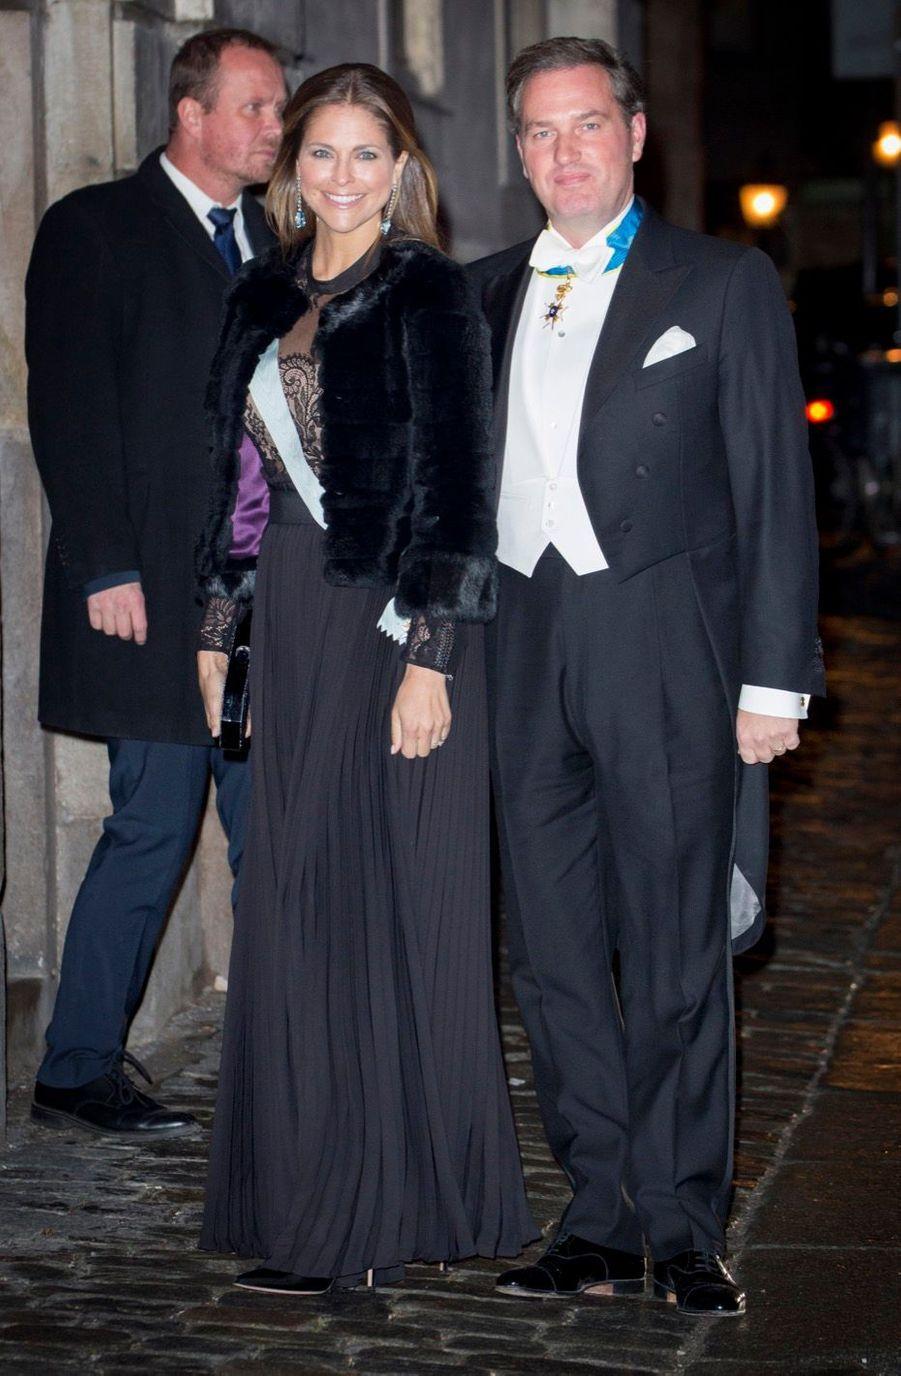 La Famille Royale Suédoise Réunie Pour L'assemblée De L'Académie 9